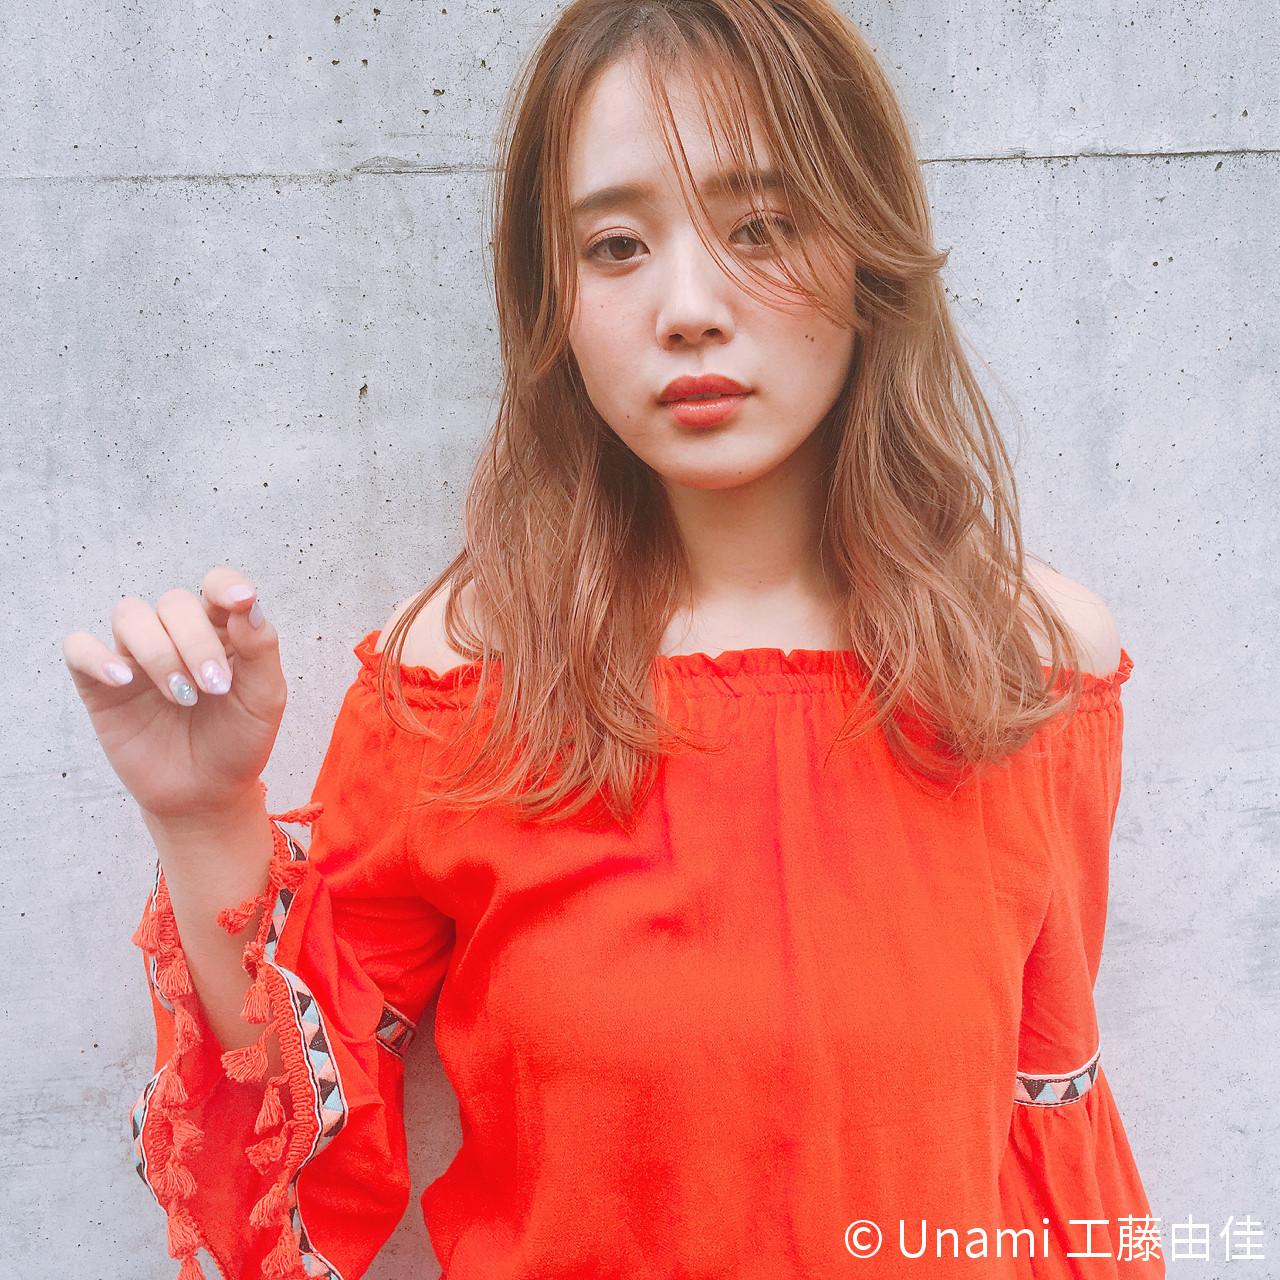 セミロング パーマ ゆるふわ 色気 ヘアスタイルや髪型の写真・画像 | Unami 工藤由佳 / Unami omotesando